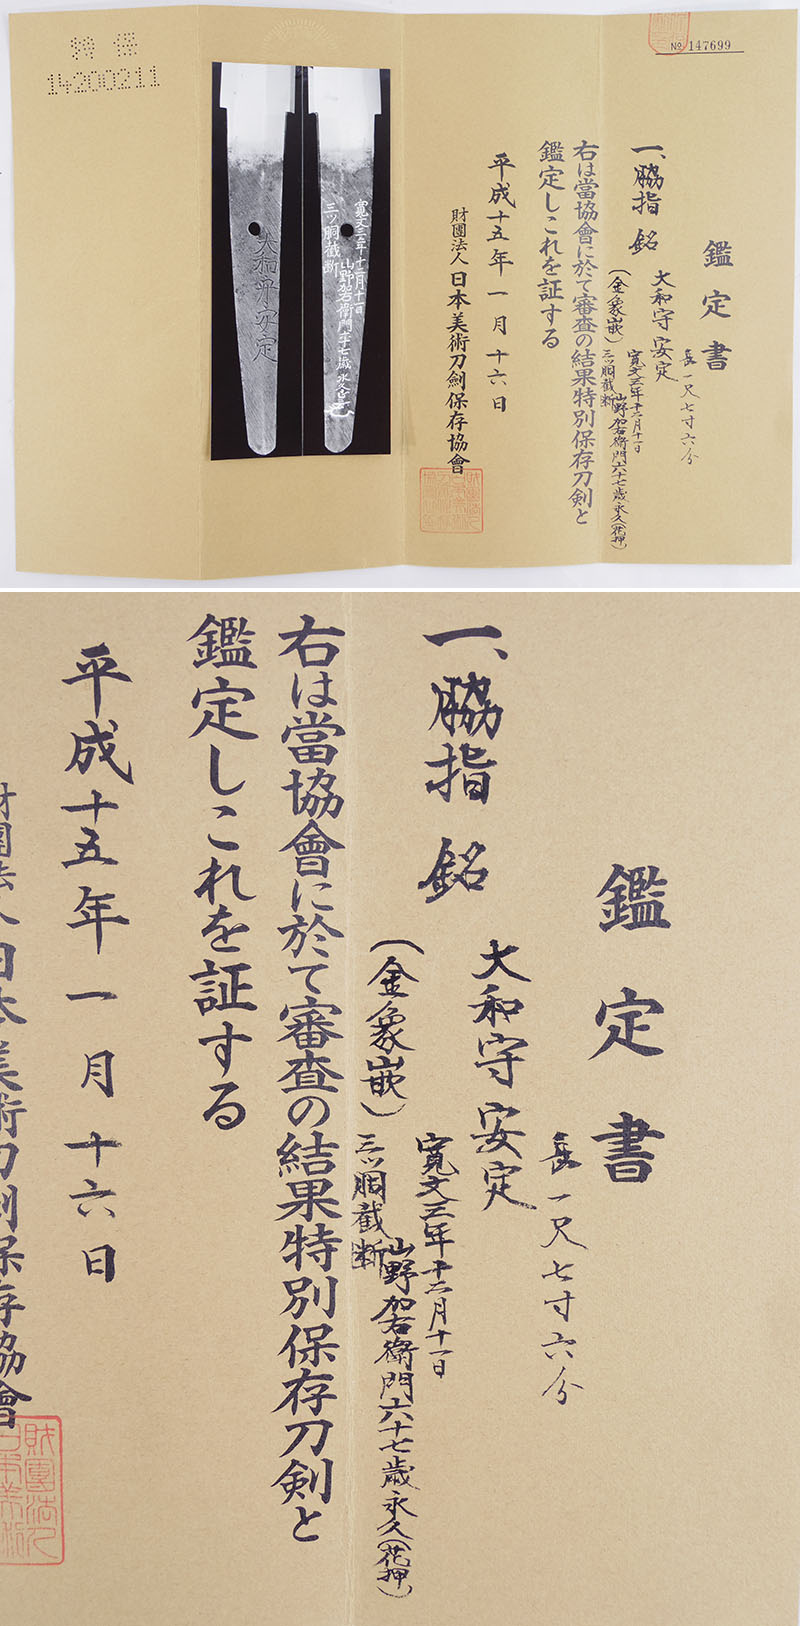 大和守安定 Picture of Certificate